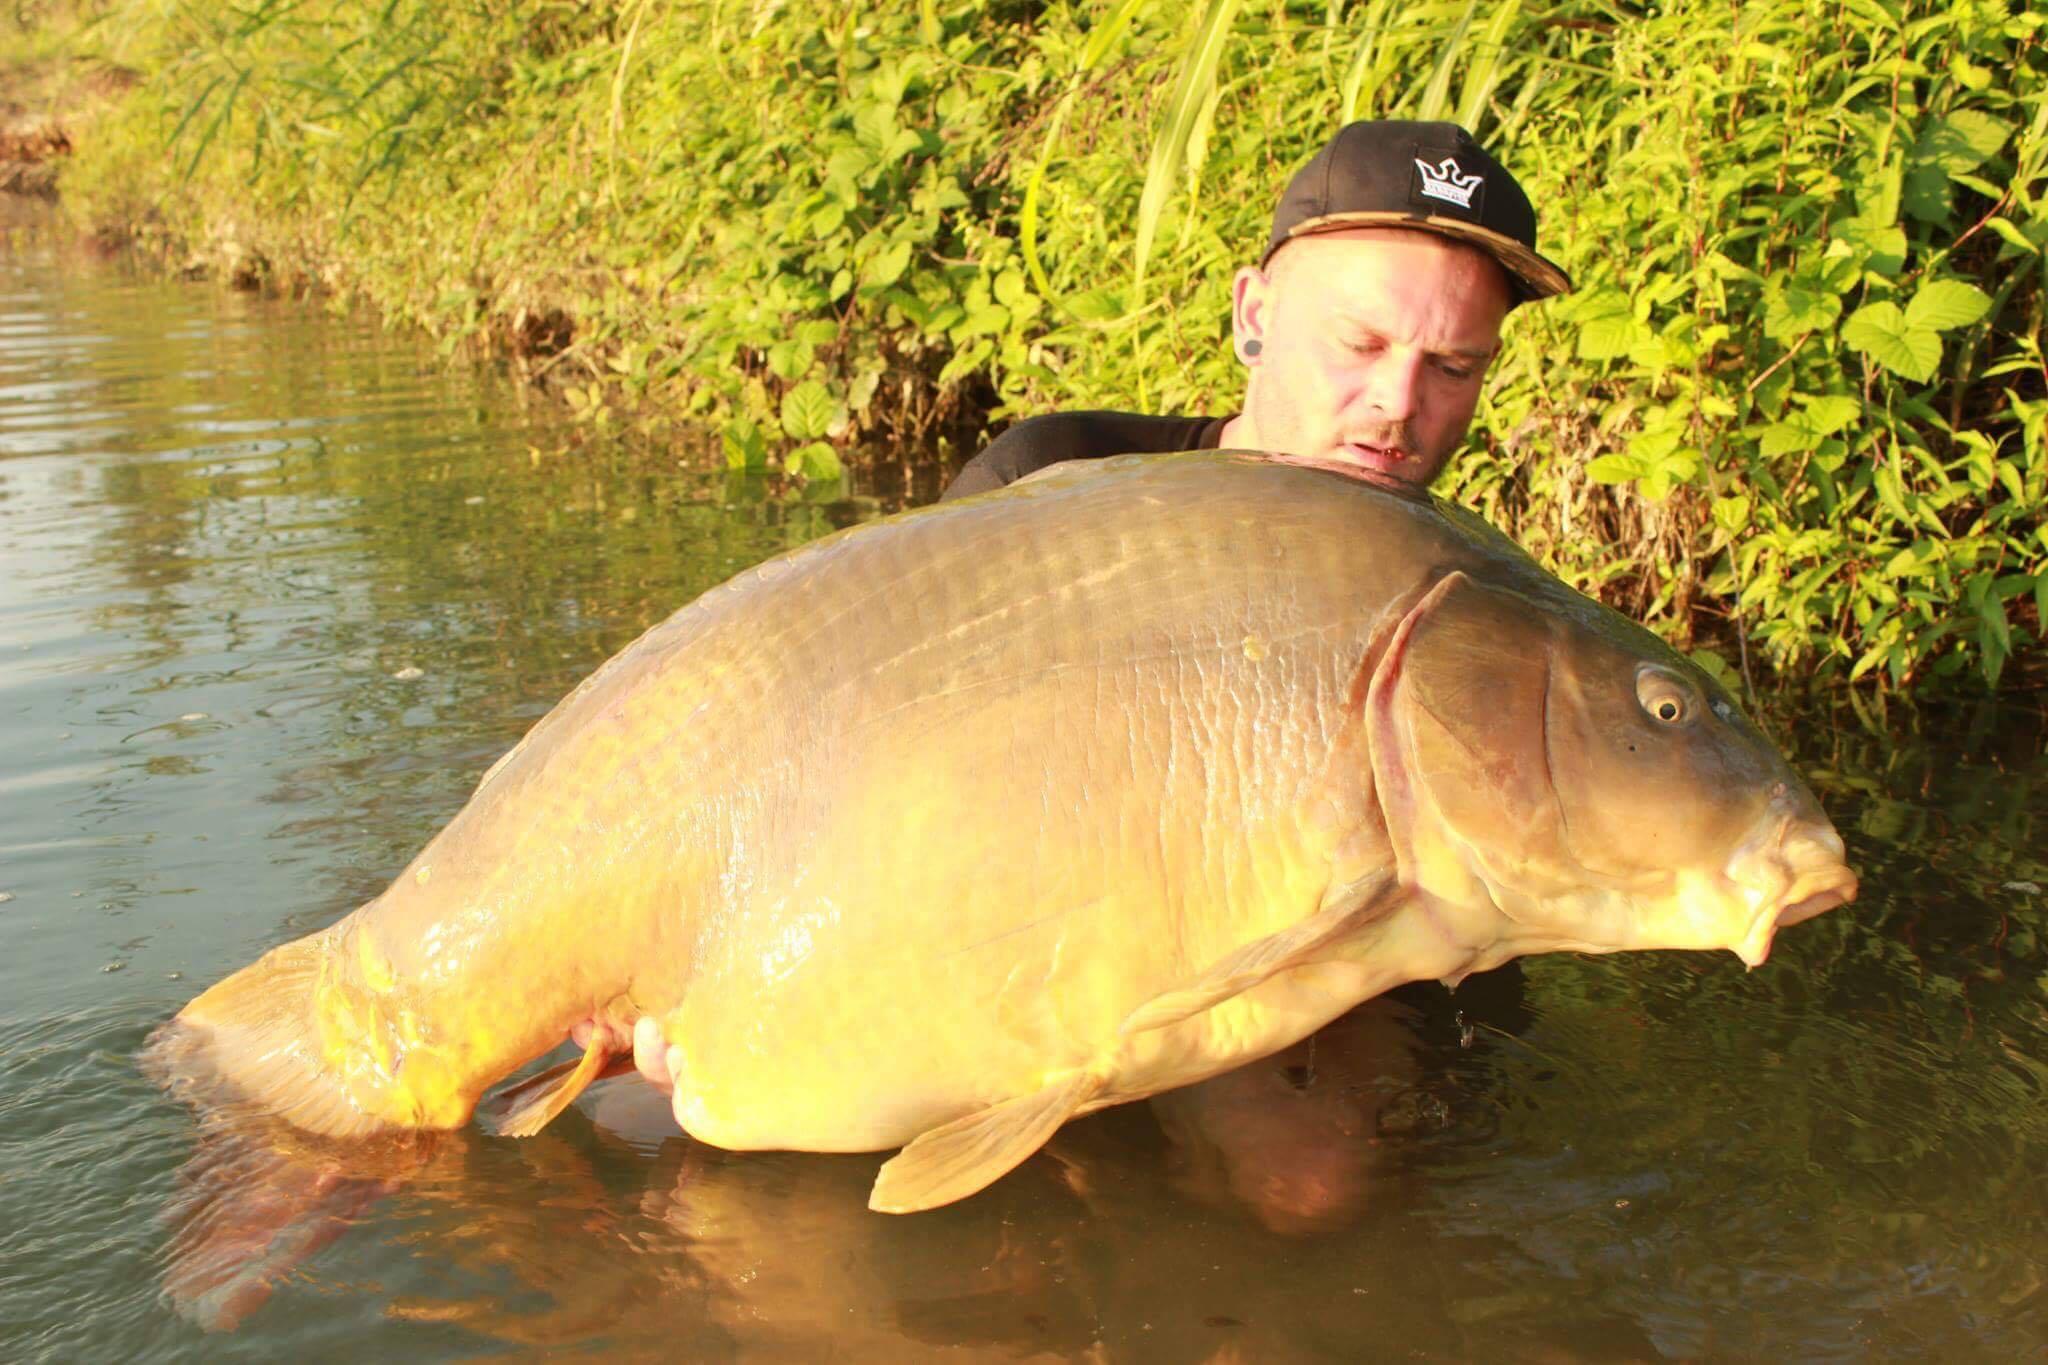 jerry fish august 2016 mit 29,9 kg